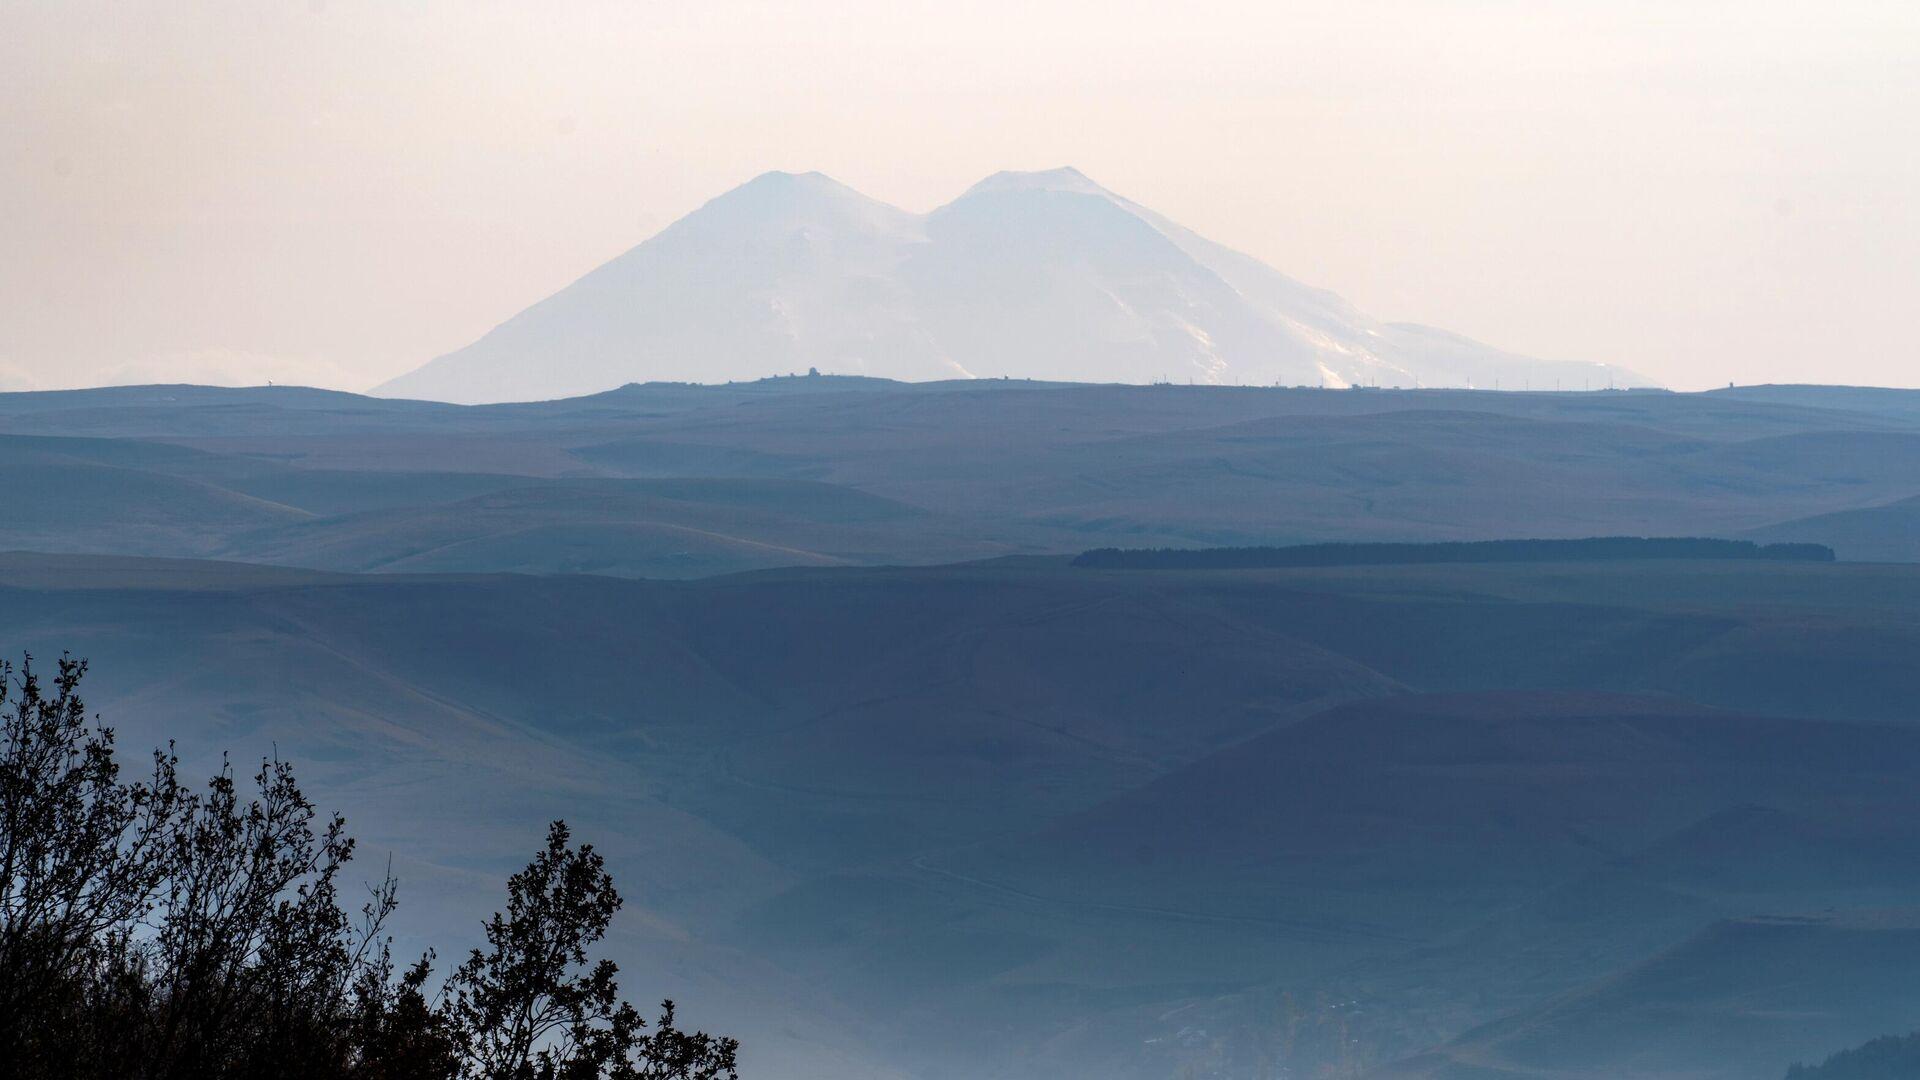 Вид на гору Эльбрус  - Sputnik Беларусь, 1920, 25.09.2021